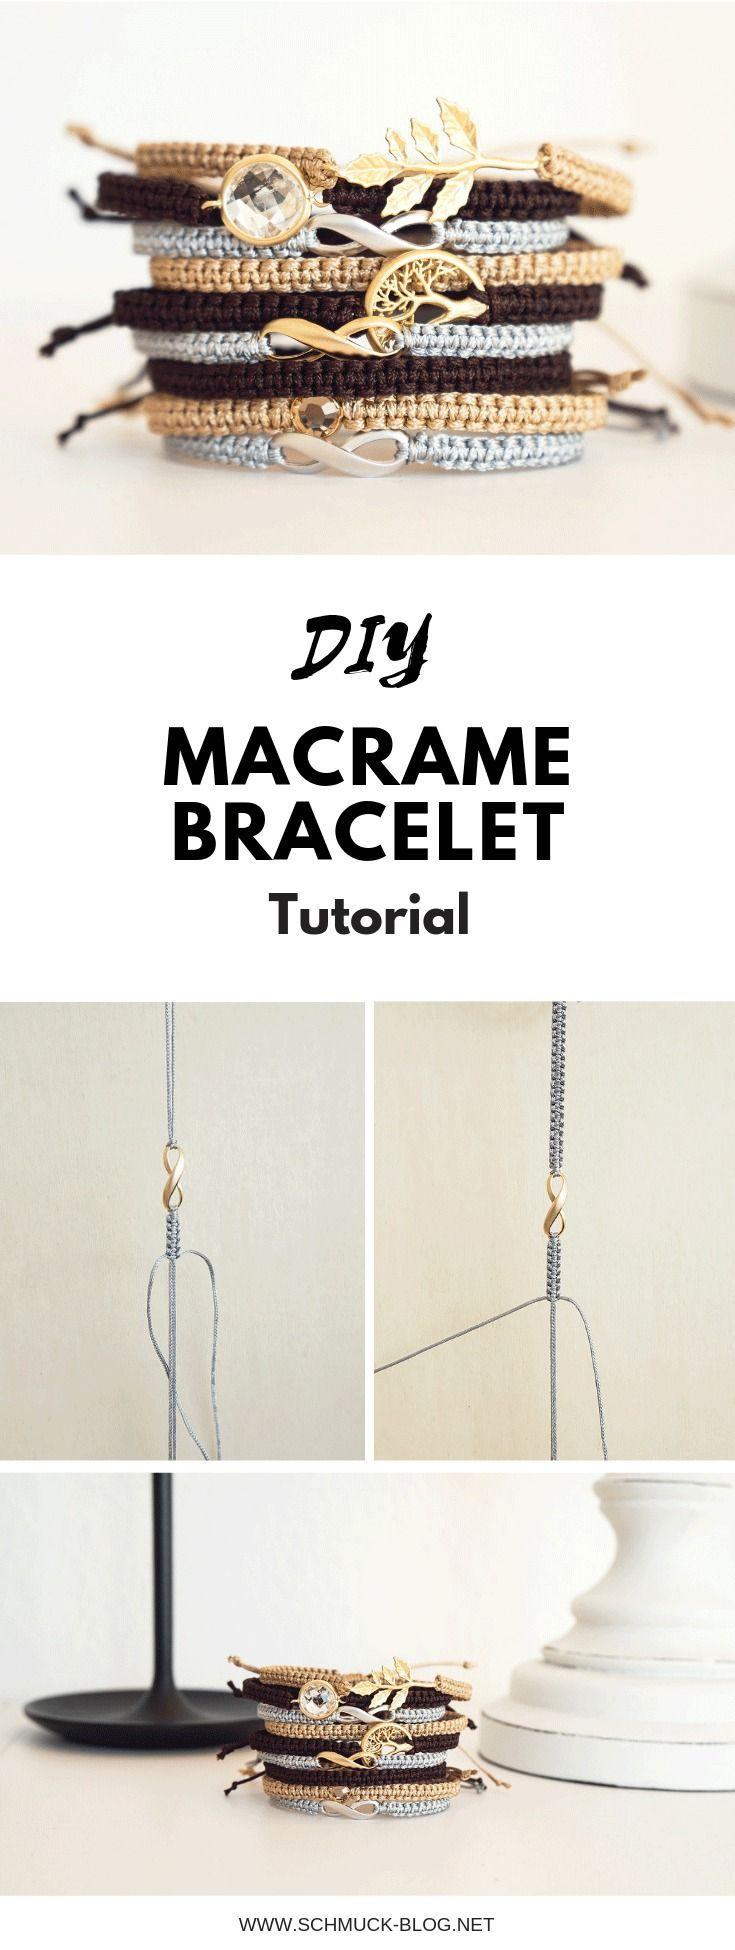 Photo of Knot DIY macrame bracelets | Schmuck Blog Magazin